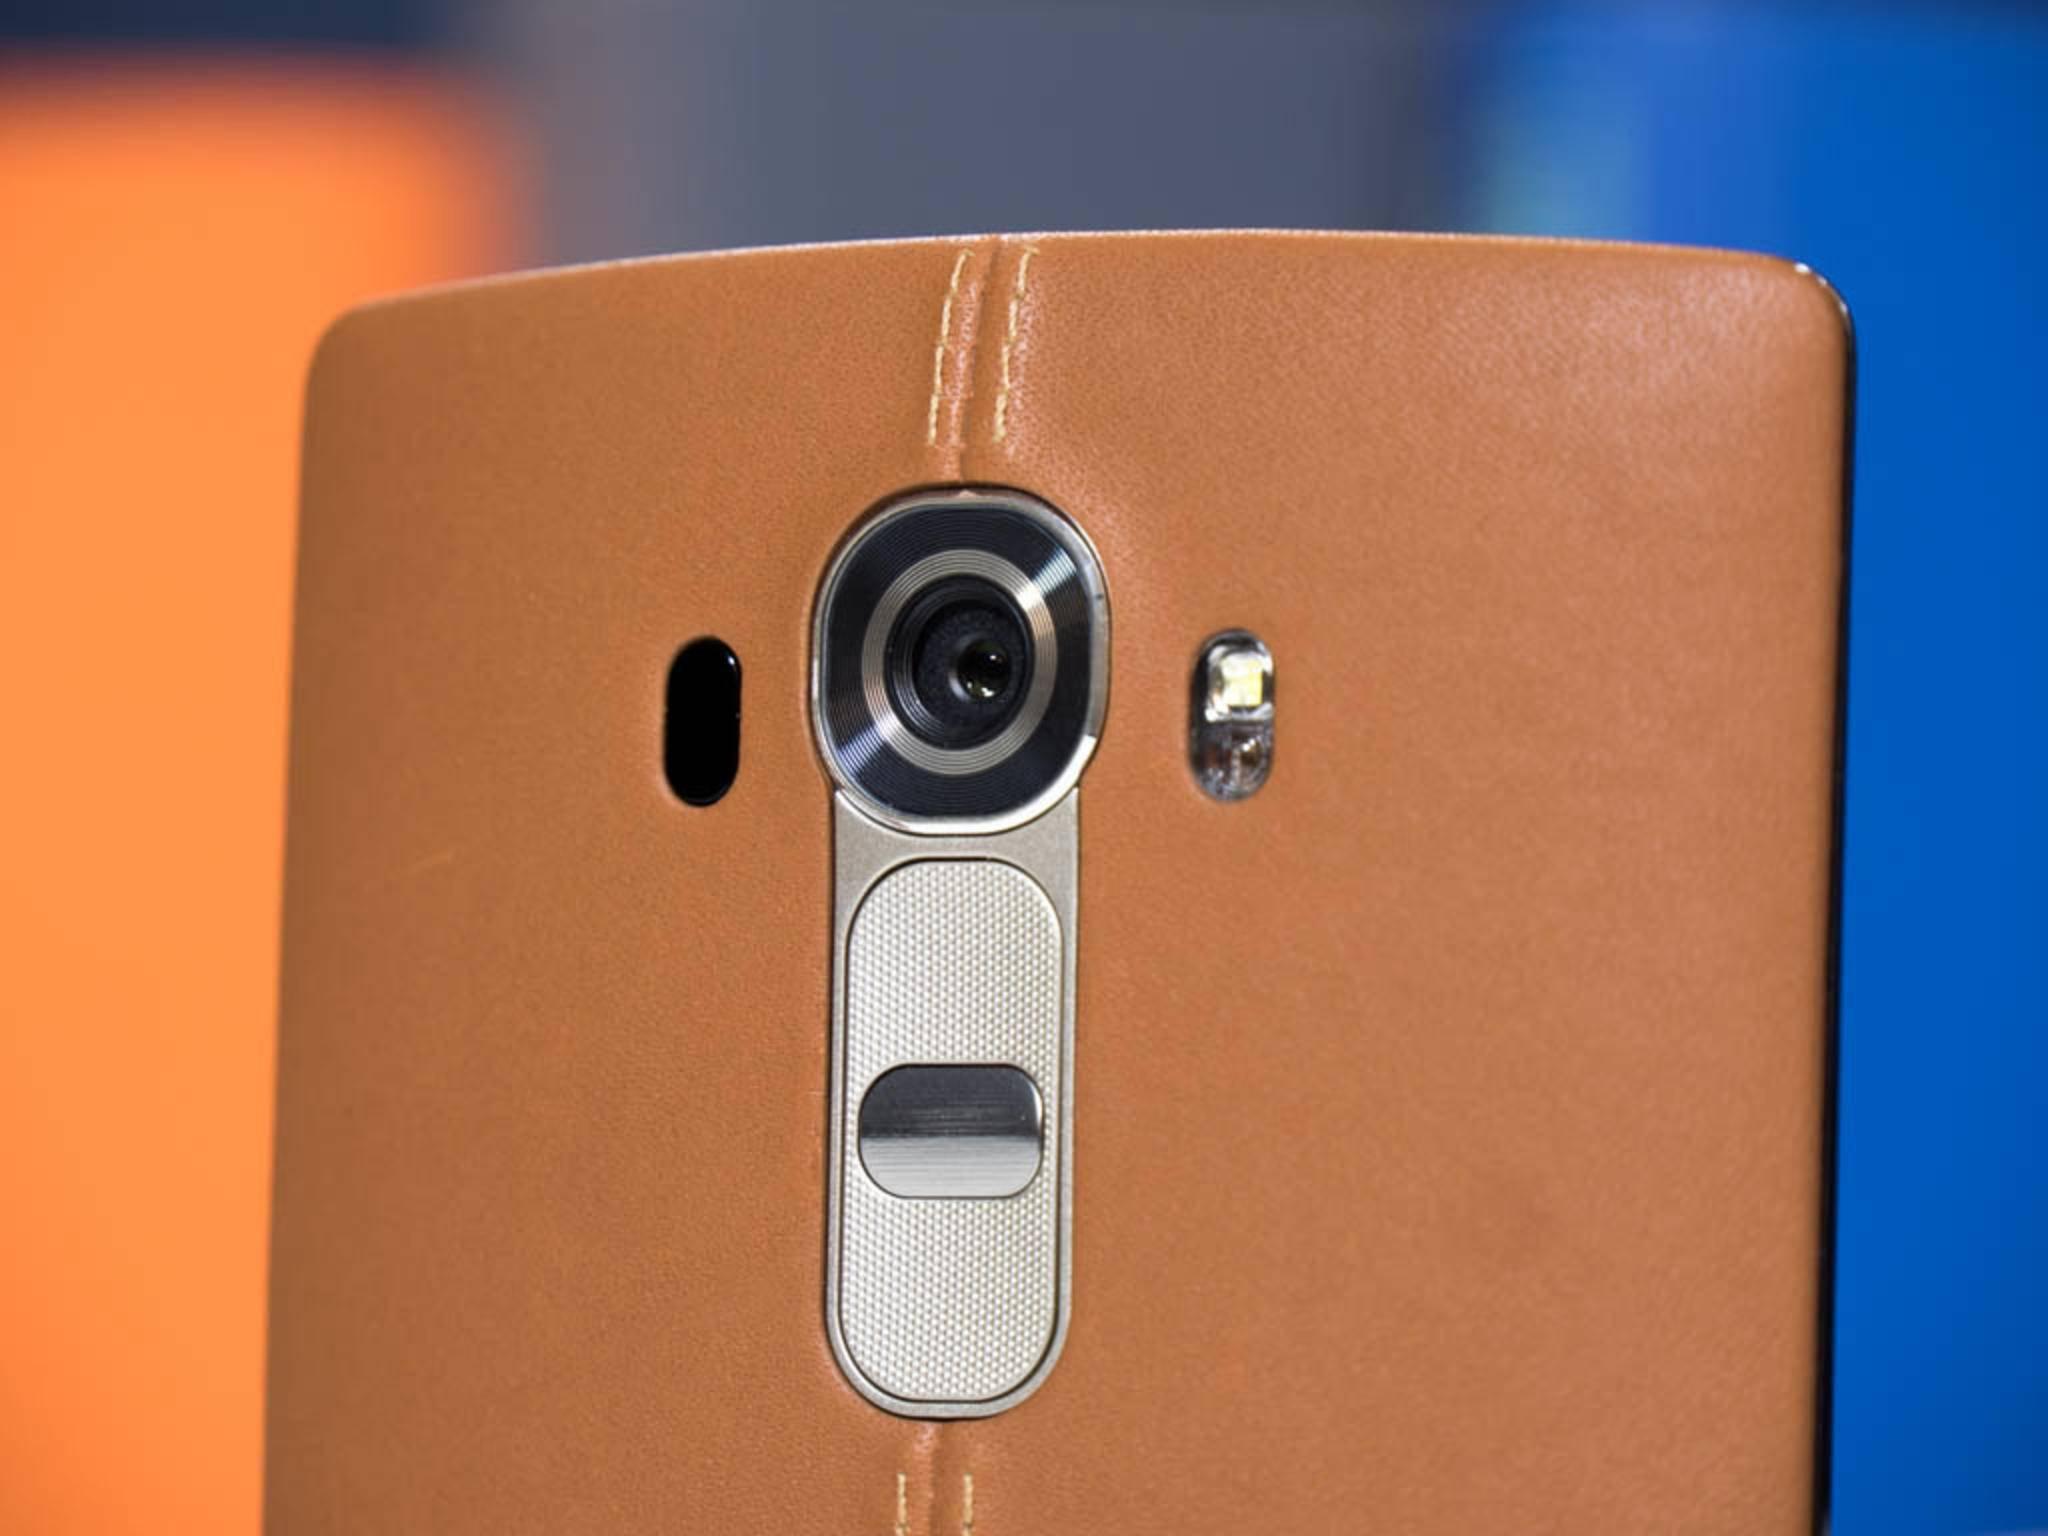 Das erst seit Kurzem erhältliche LG G4 bringt eine 16-Megapixel-Rückkamera mit.